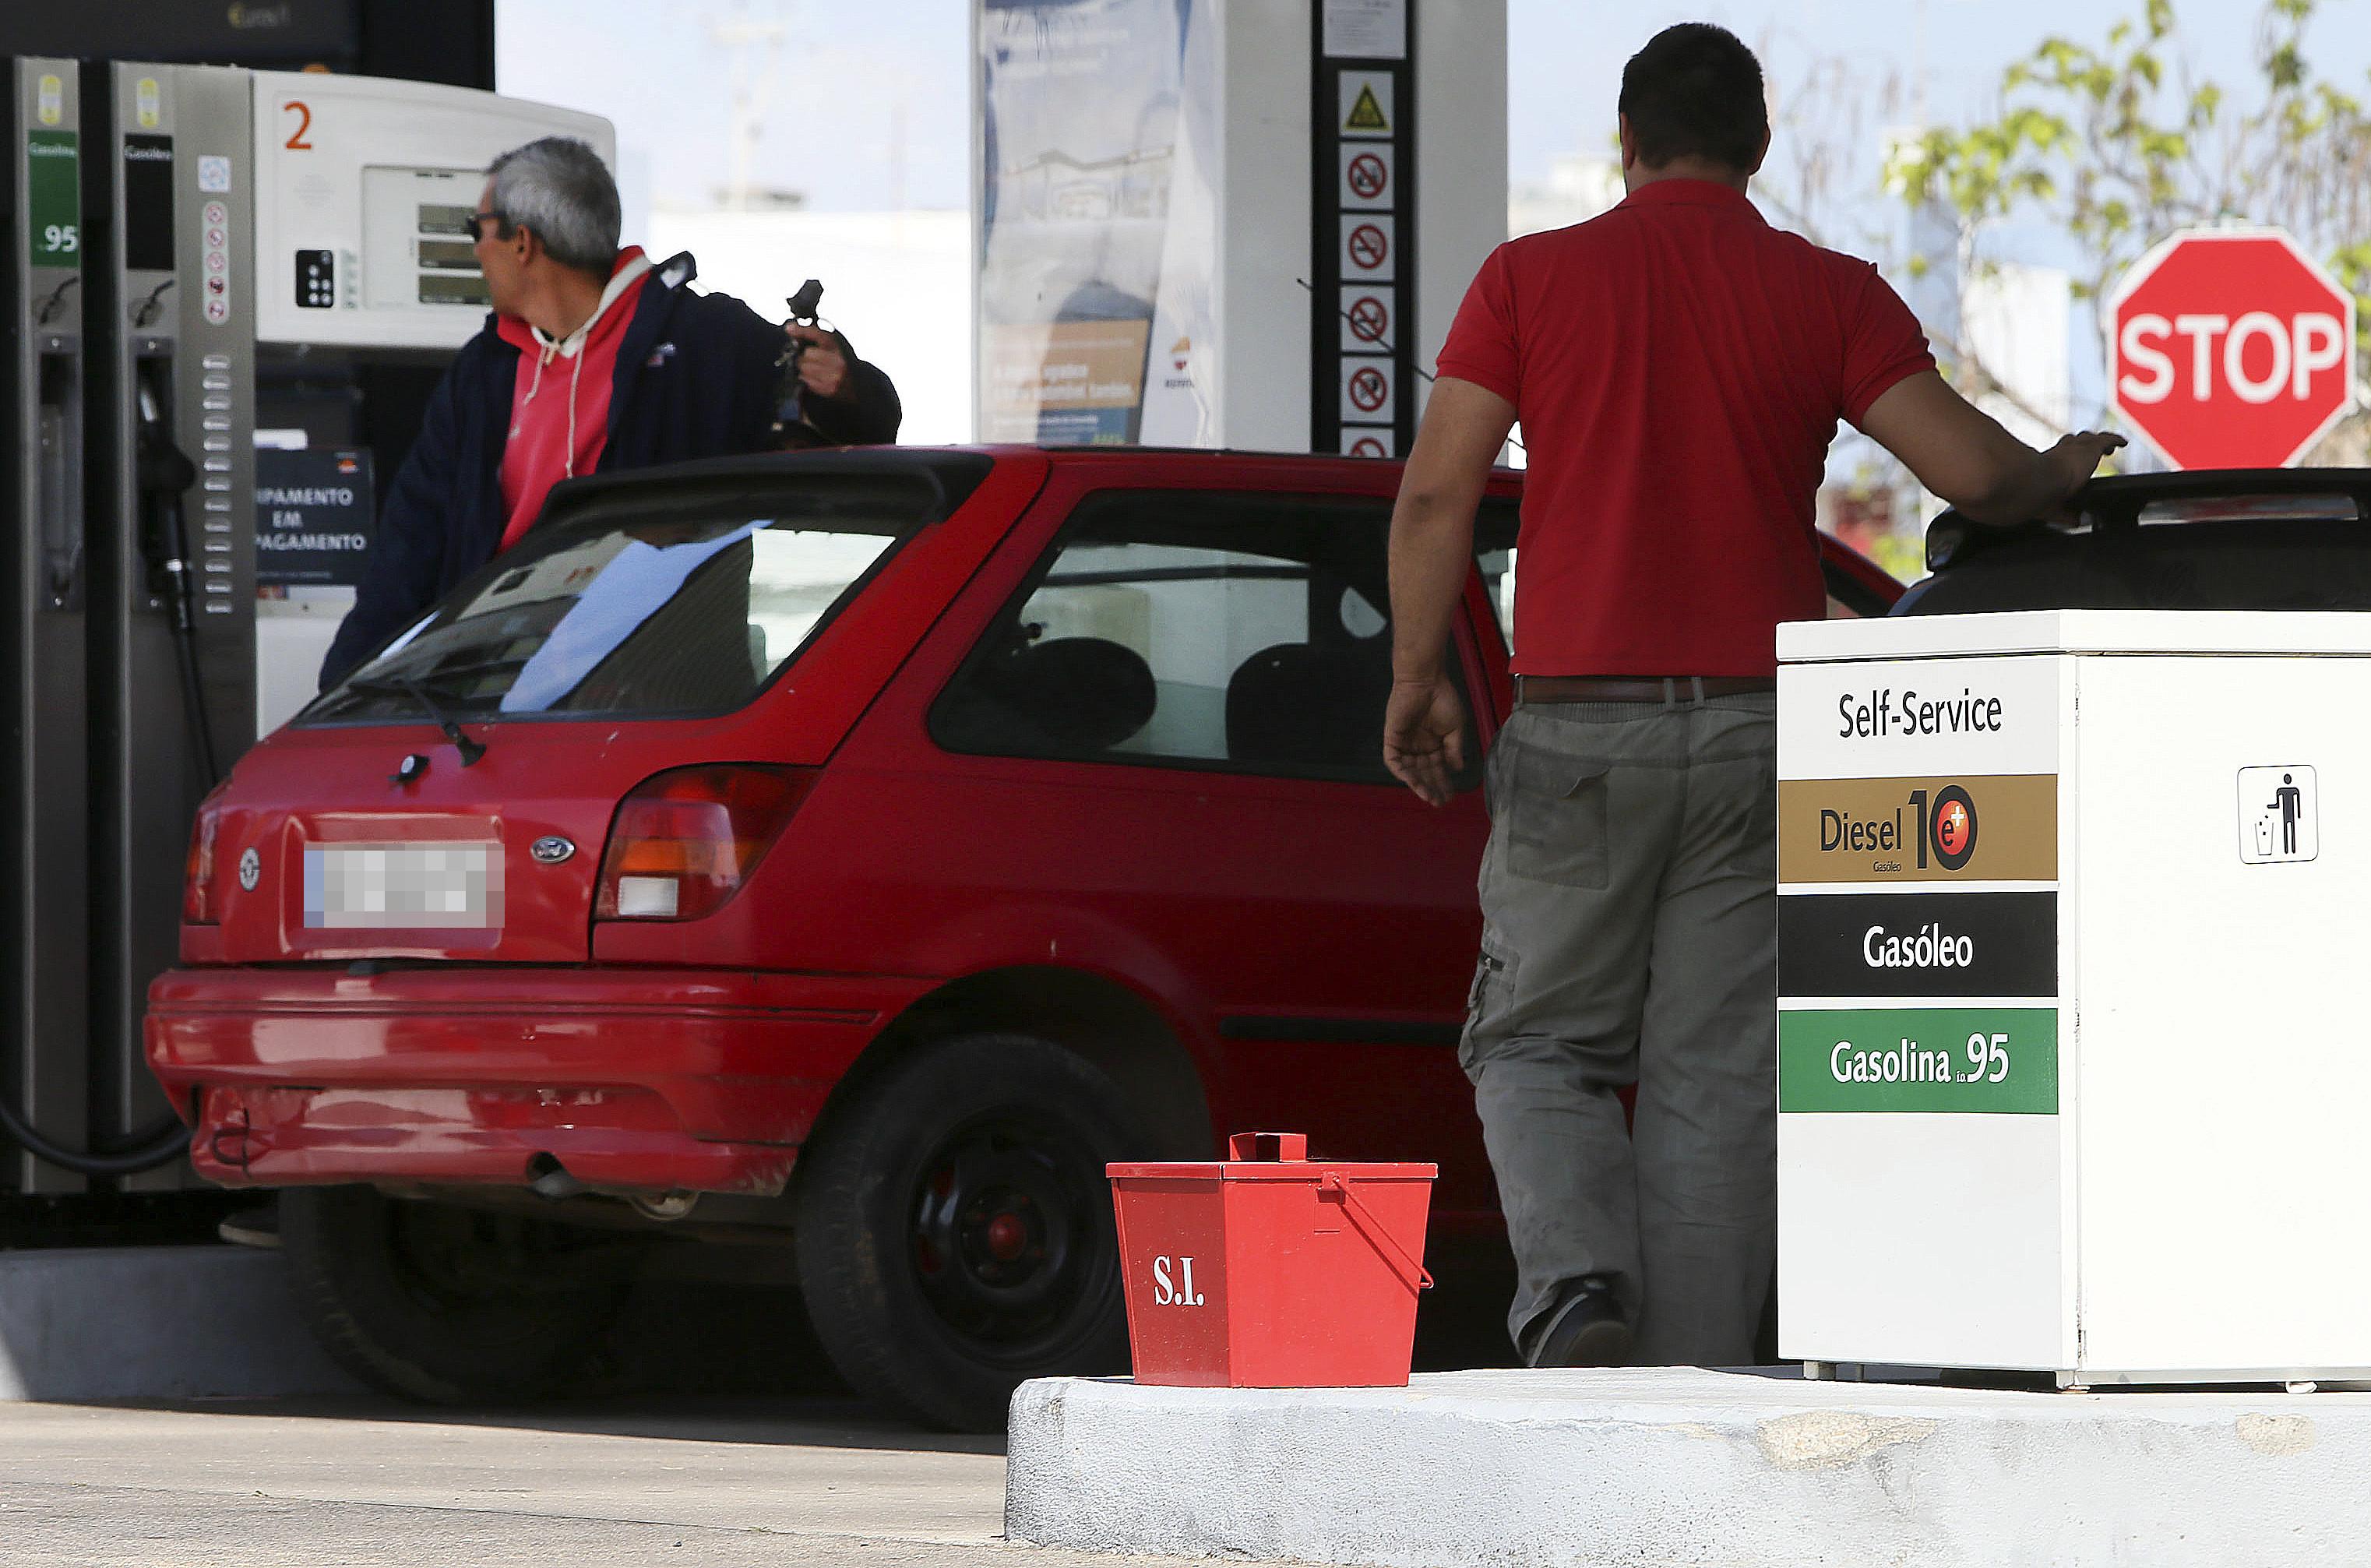 Mais de dois terços do combustível vendido é simples - ENMC